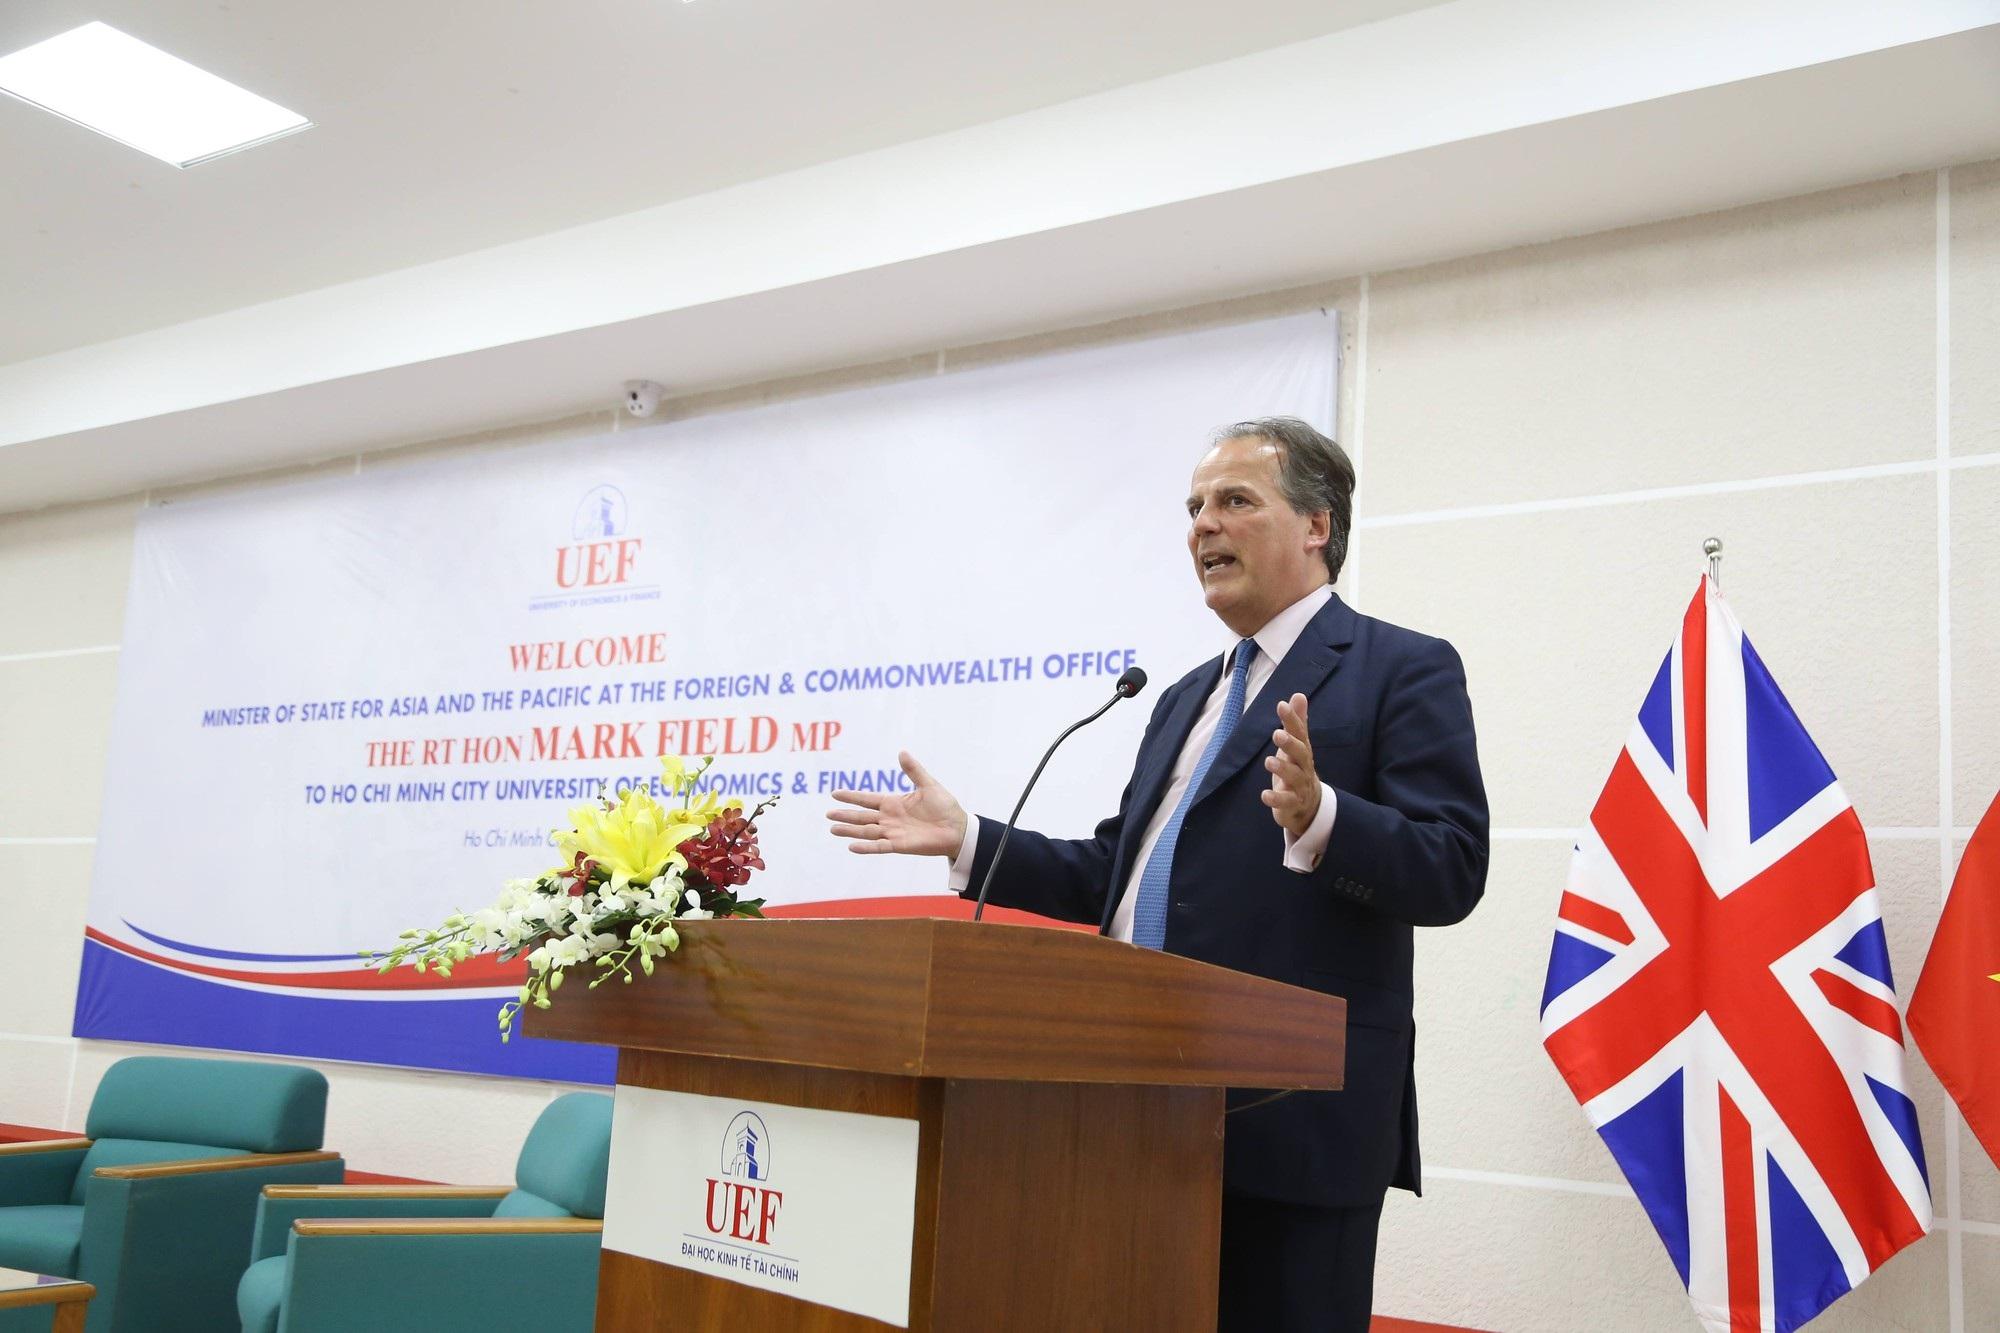 Bộ trưởng Nhà nước vương quốc Anh khuyên sinh viên Việt không nên chỉ học ở sách vở - Ảnh 1.